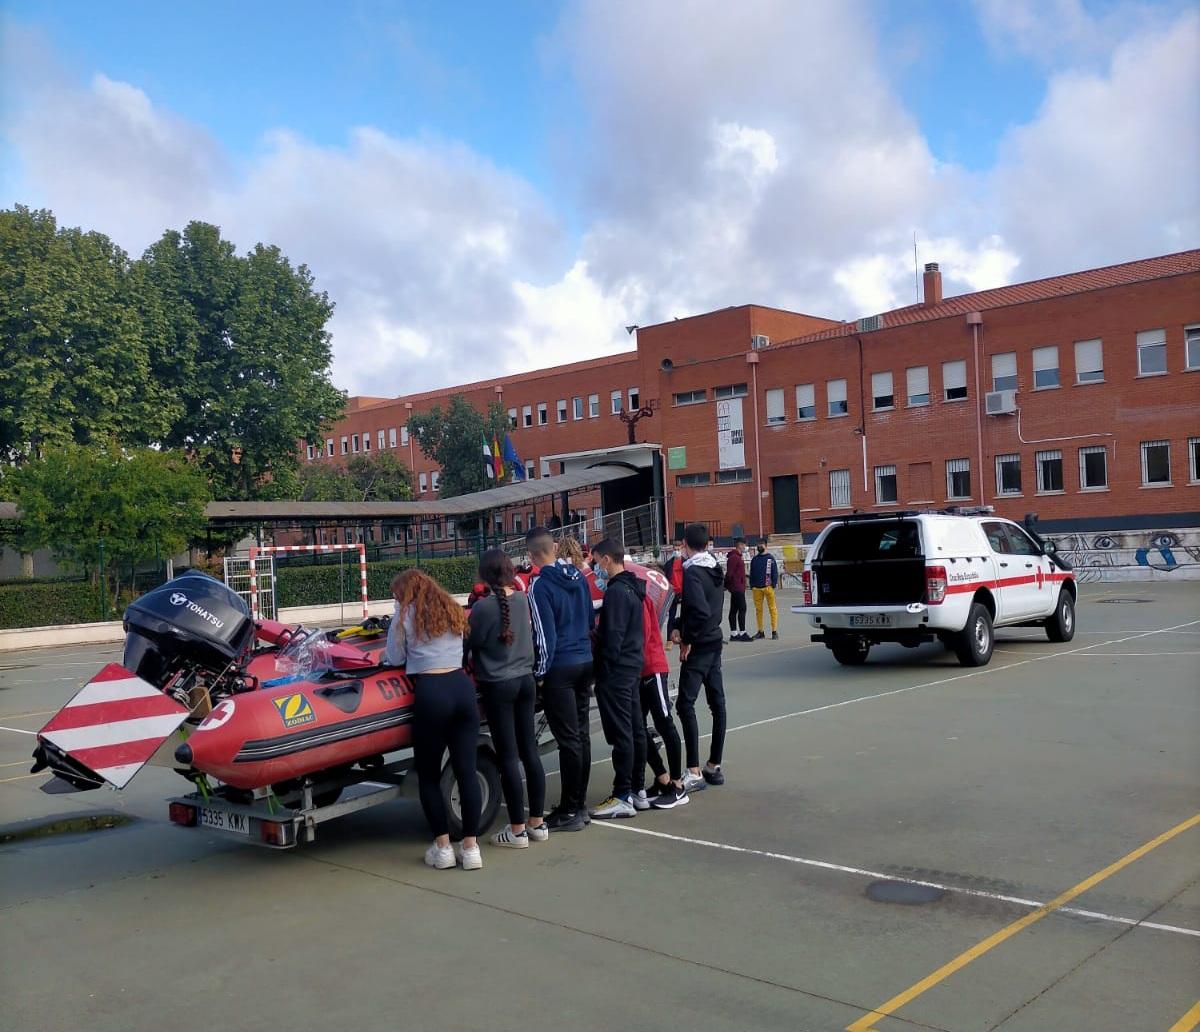 Estudiantes de Mérida conocen el funcionamiento del Centro de Urgencias 112 de Extremadura